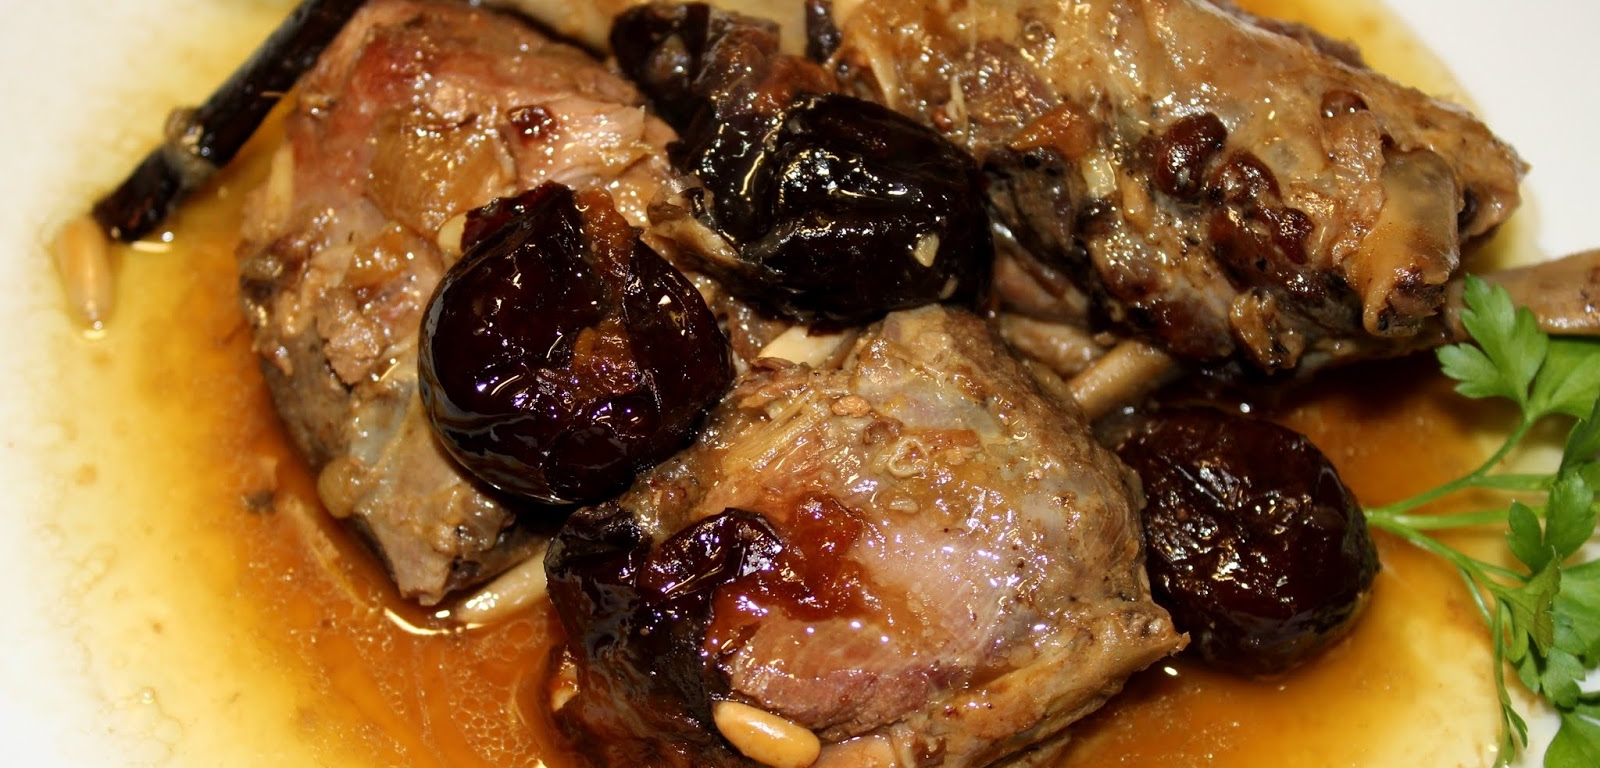 xmasfood-roast